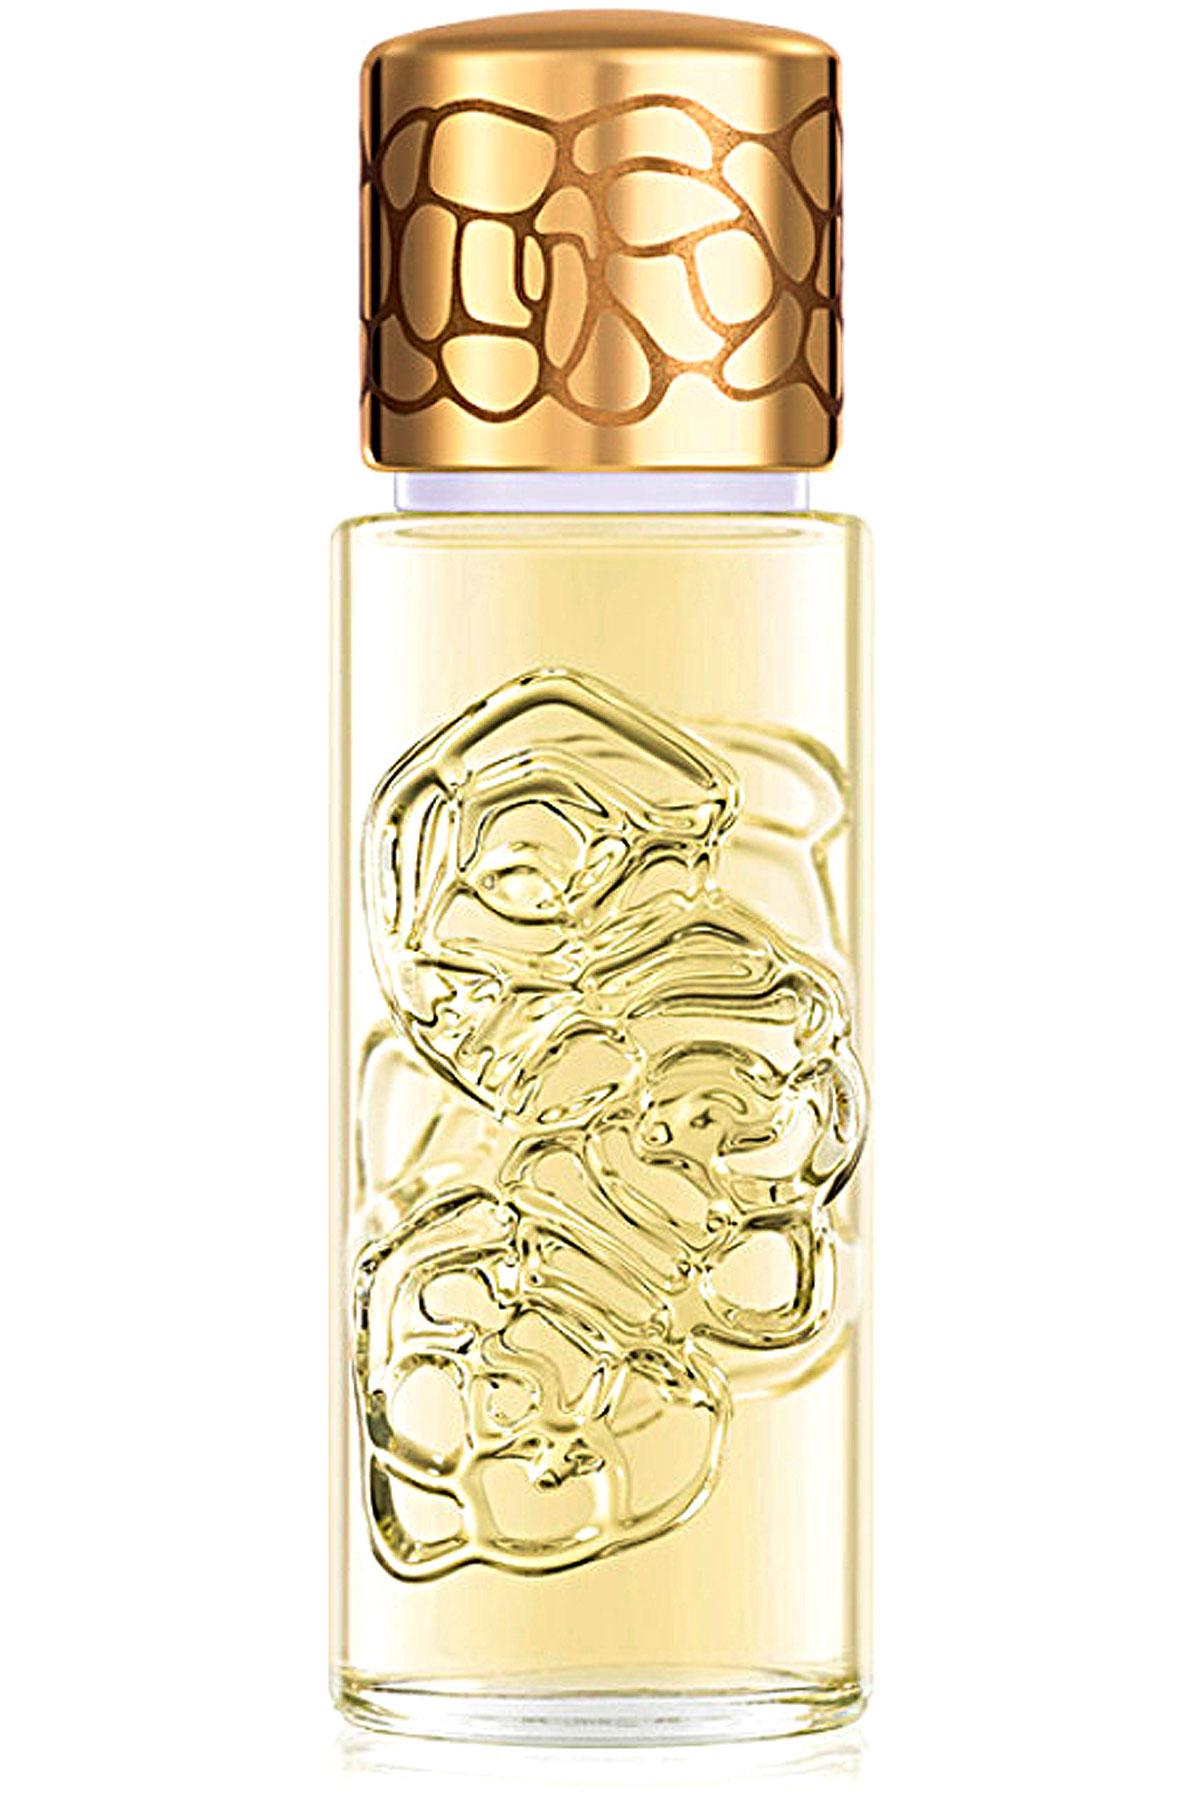 Houbigant Paris Fragrances for Women, Quelques Fleurs Jardin Secret - Eau De Parfum - 100 Ml, 2019, 100 ml